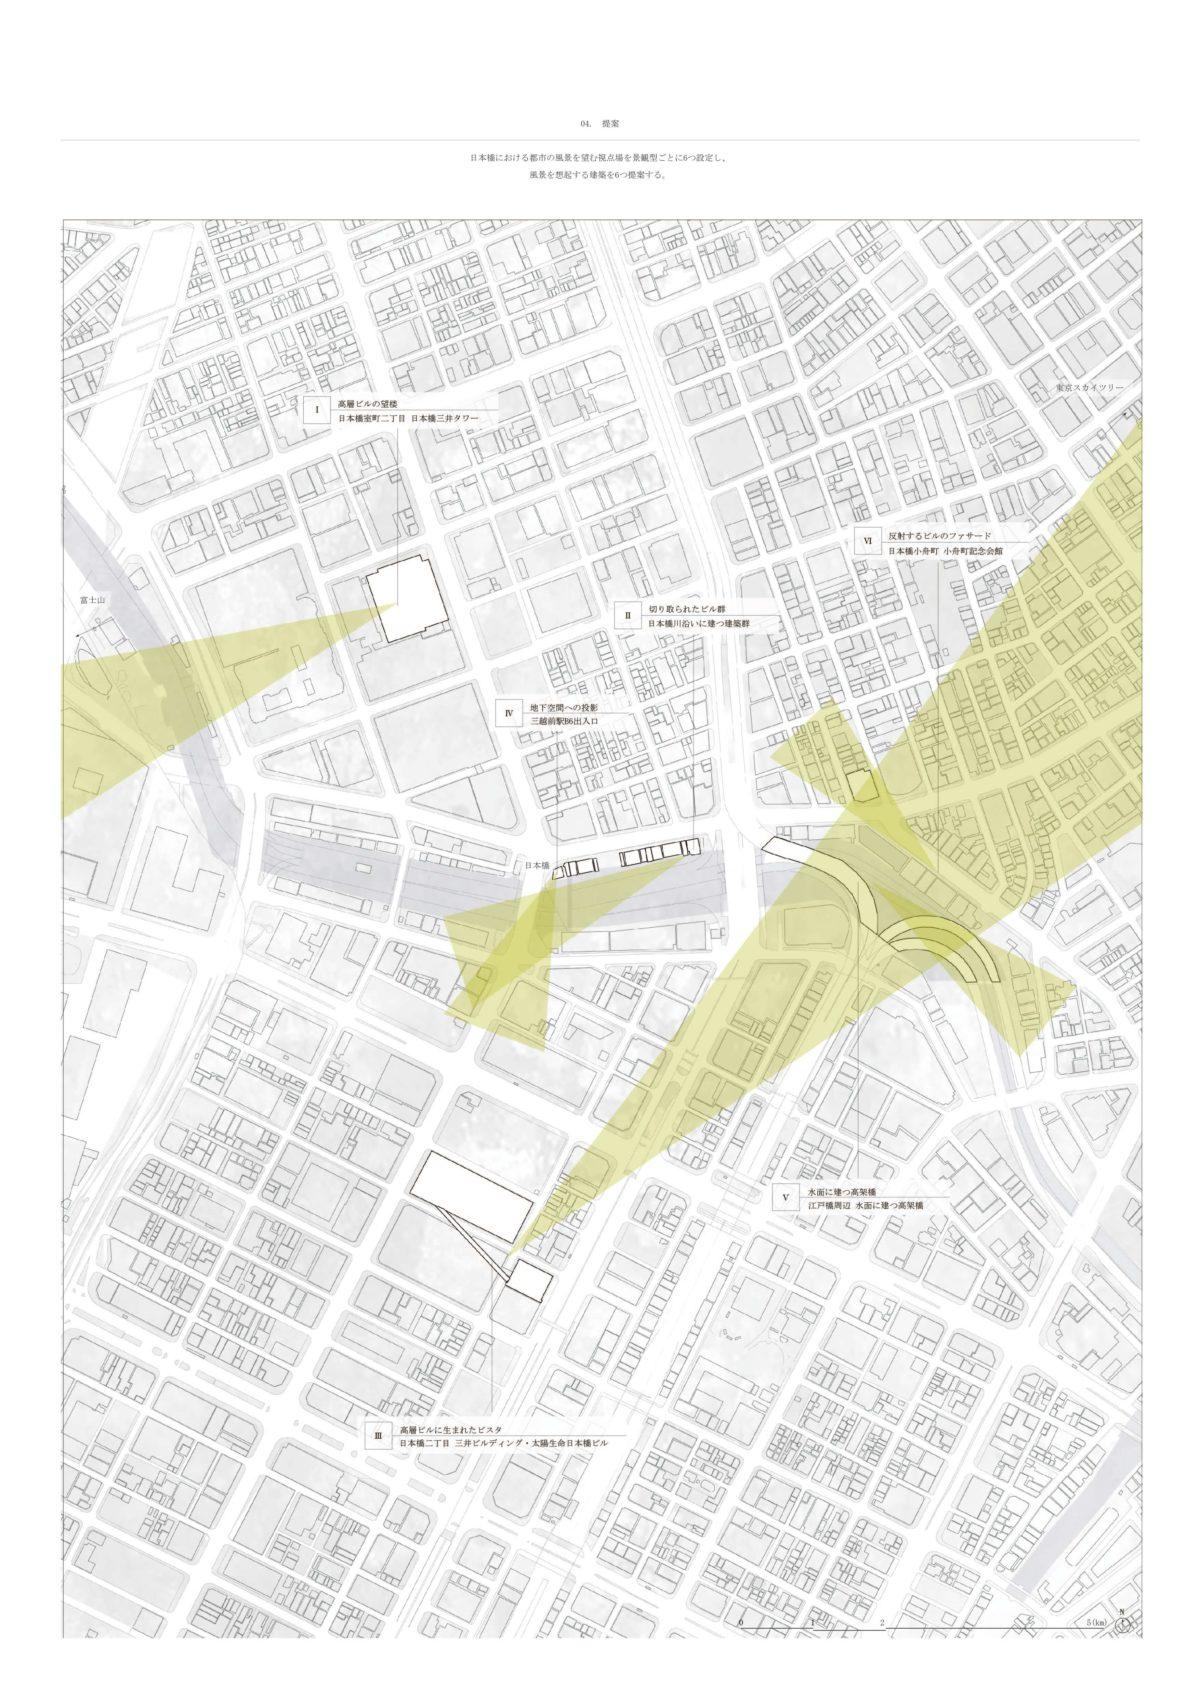 風景を想起する第五世代美術館建築 -歌川広重による名所江戸百景の分析を通して--3